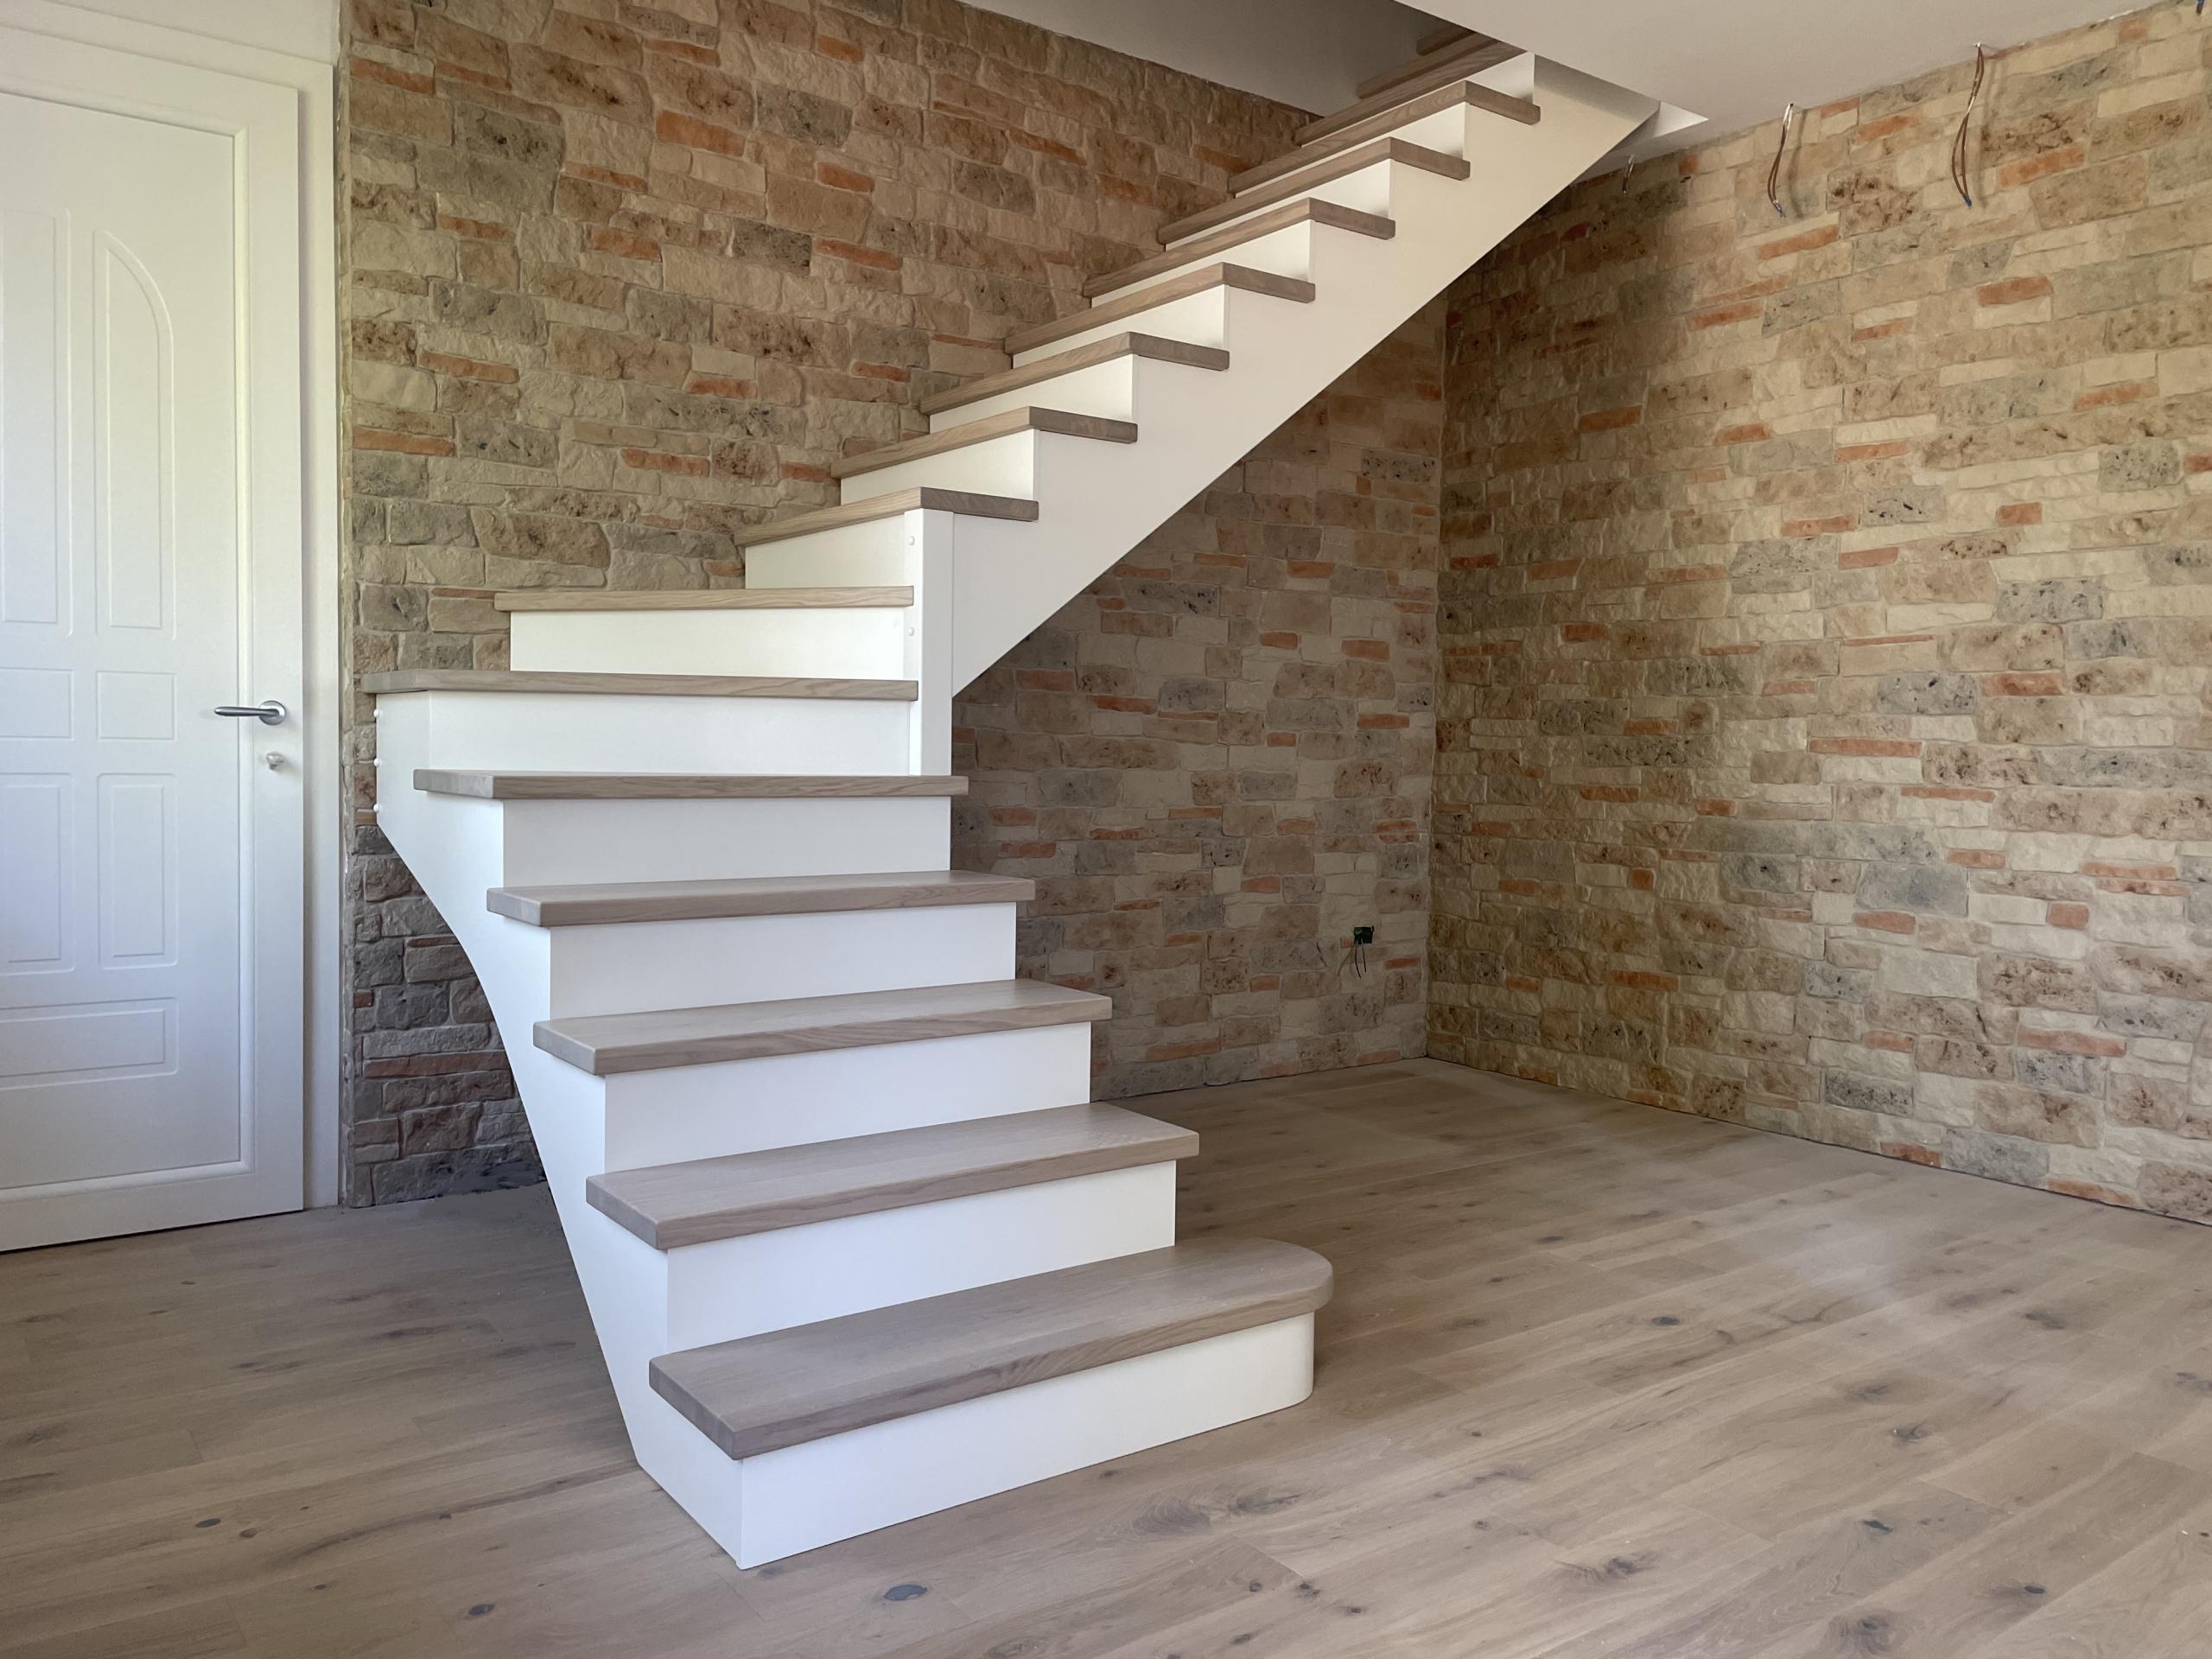 Scala con gradini in rovere e alzate laccate